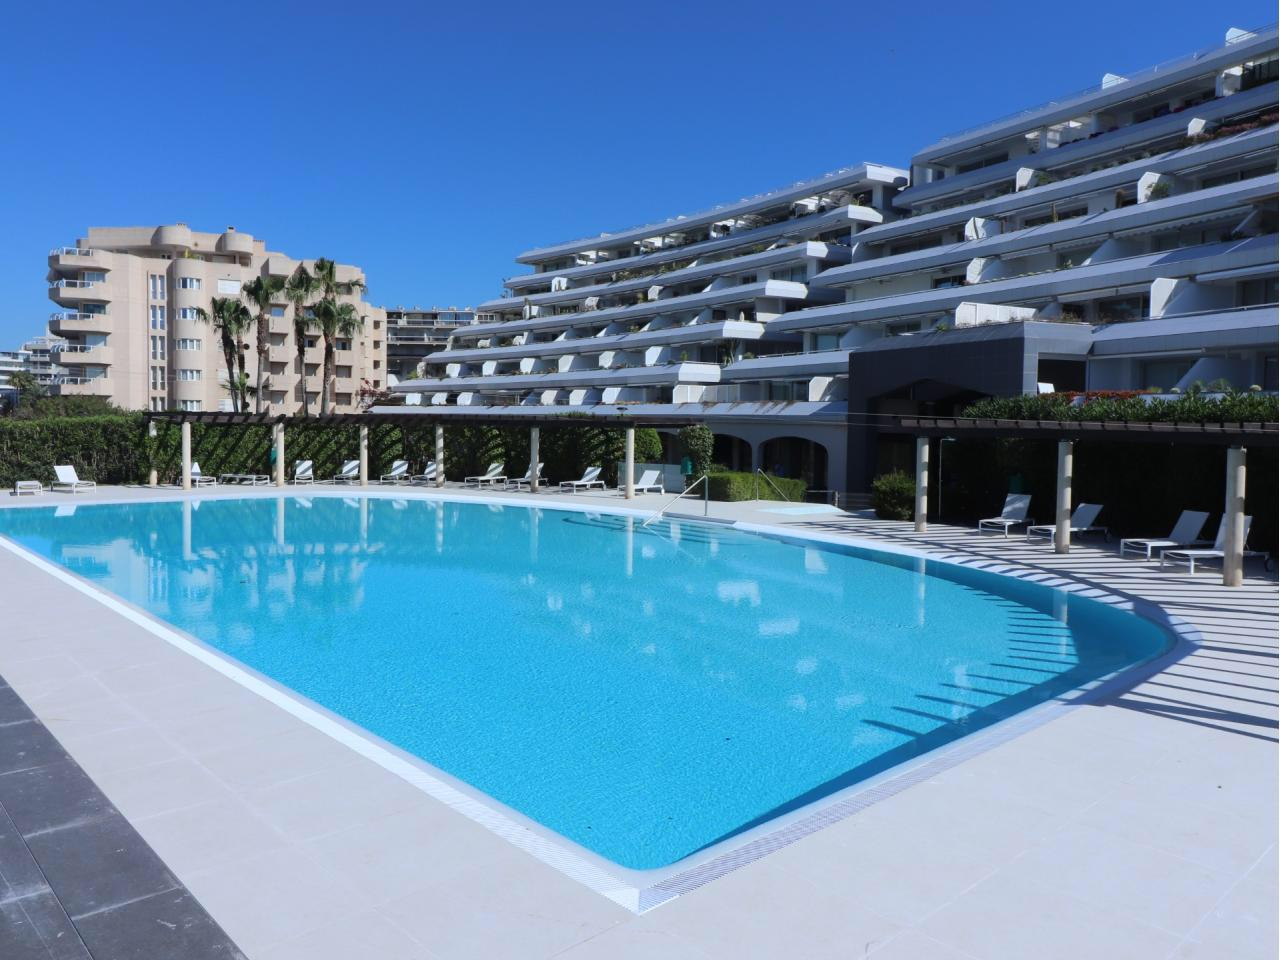 ¡Estamos de celebración! Se ha subastado con éxito una de las viviendas más exclusivas de Ibiza